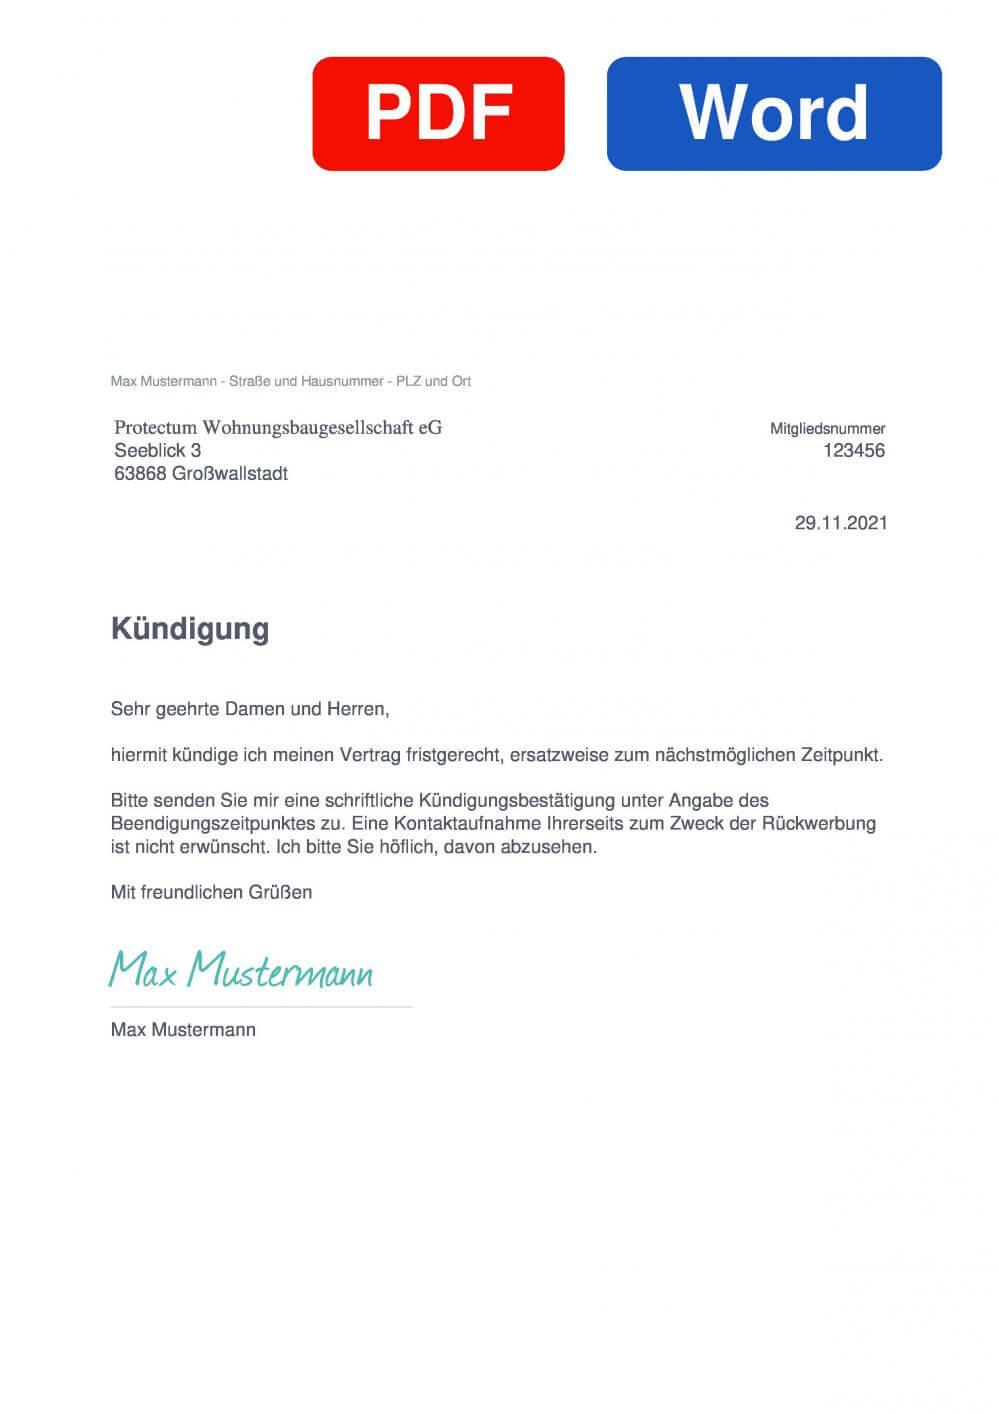 Protectum Wohnungsbaugenossenschaft Muster Vorlage für Kündigungsschreiben